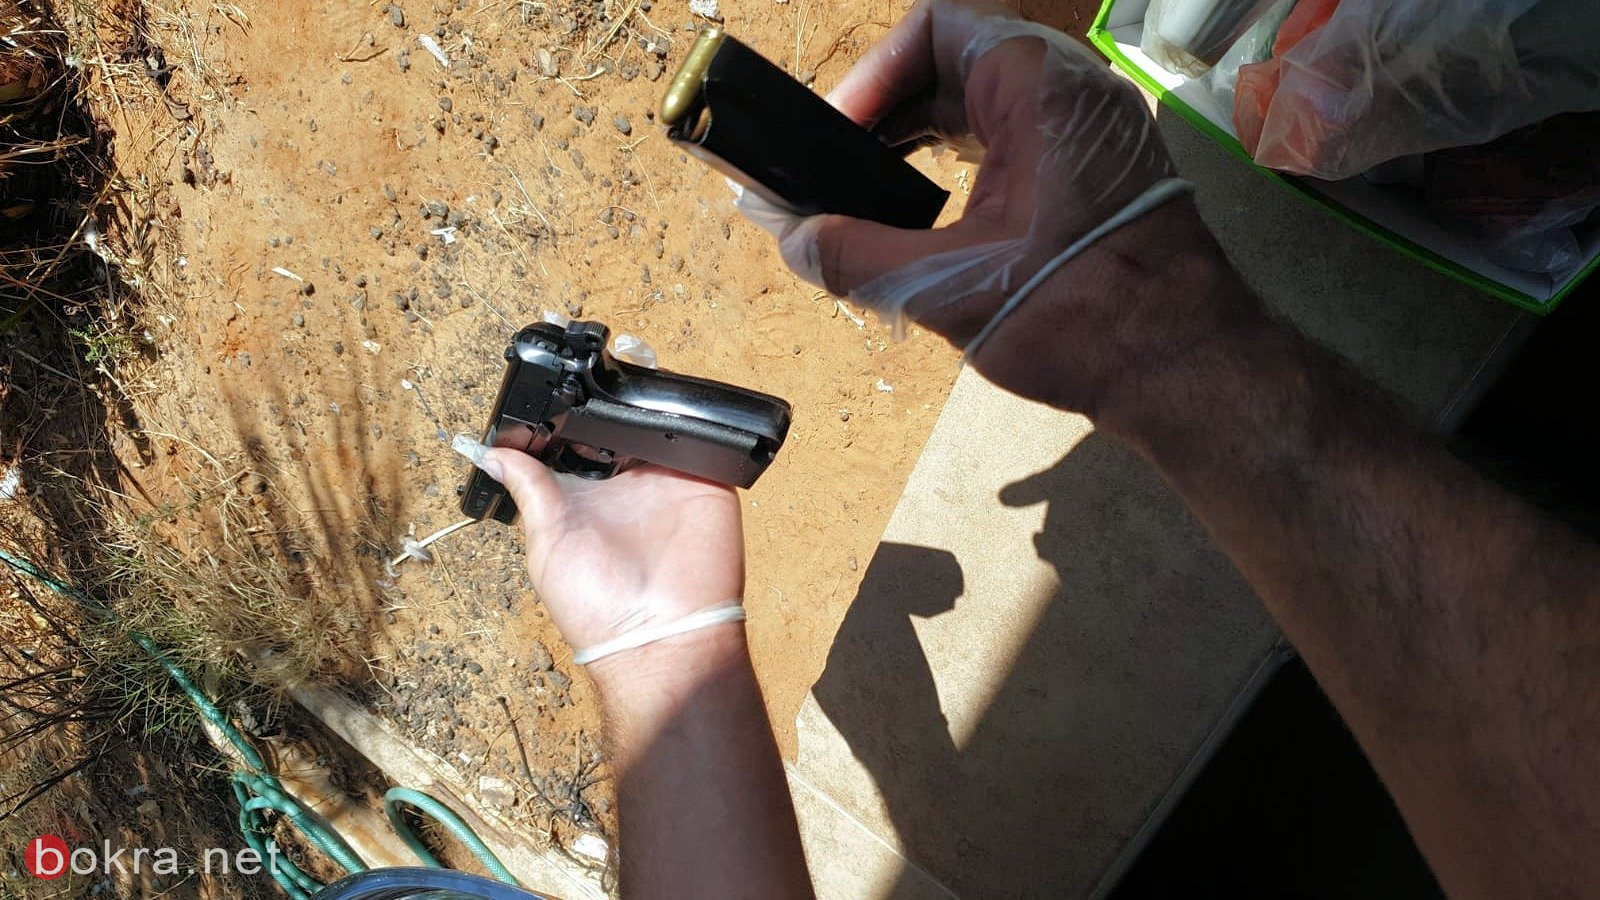 ضبط ثلاثة مسدسات خلال تفتيش في مدينة اللد -1